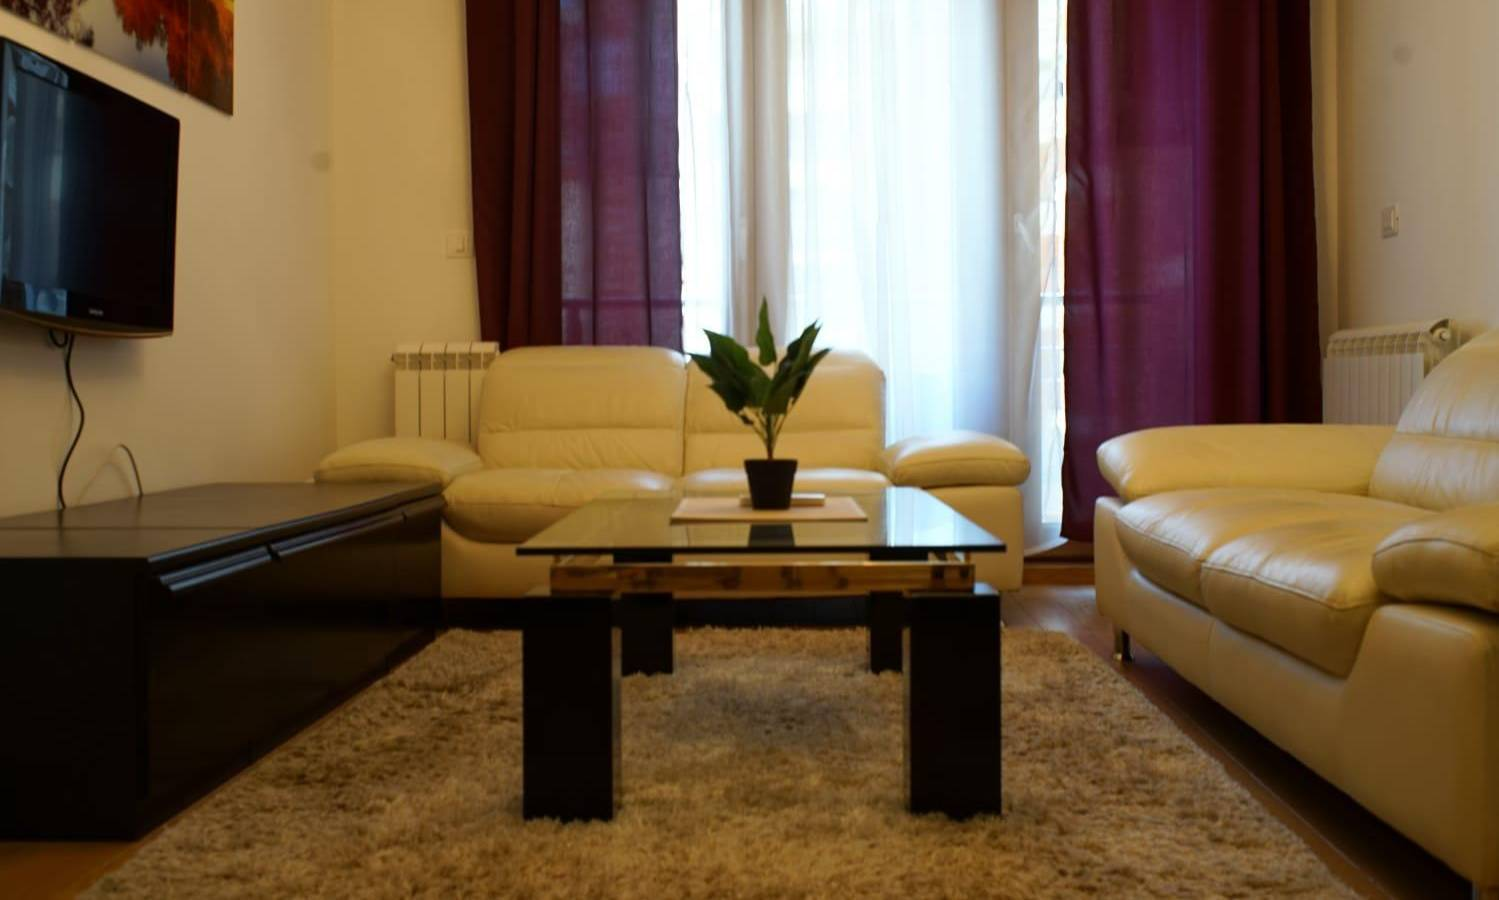 apartment Don 2, A Blok Savada, Belgrade